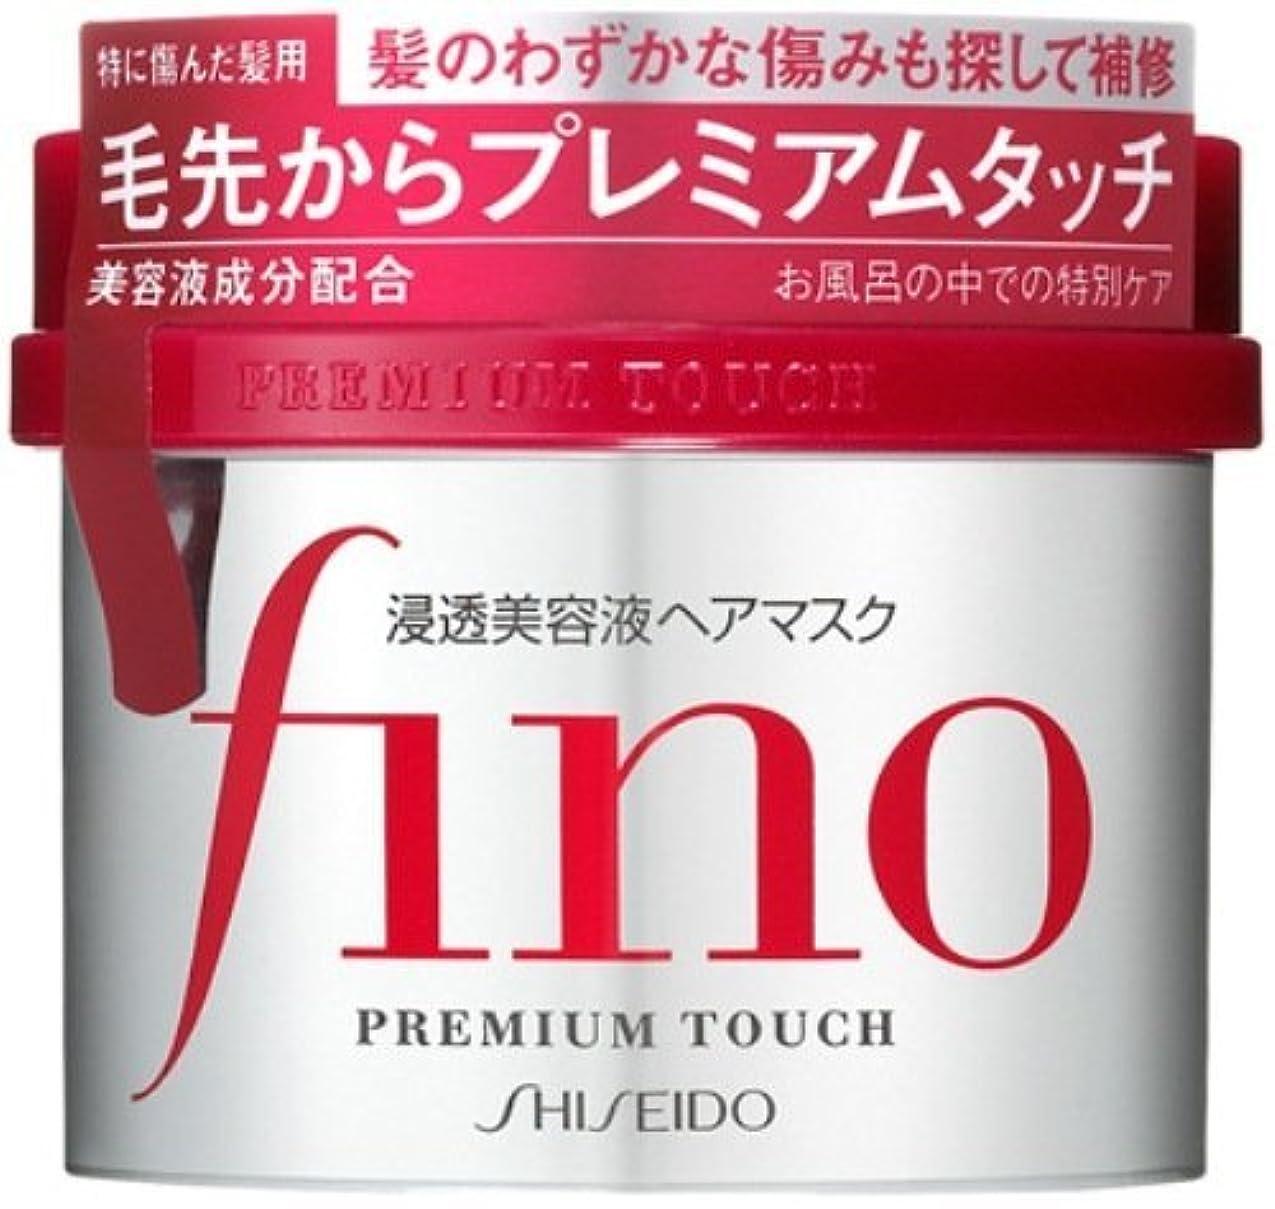 ピューインポート棚フィーノ浸透美容液ヘアマスク230G × 10個セット